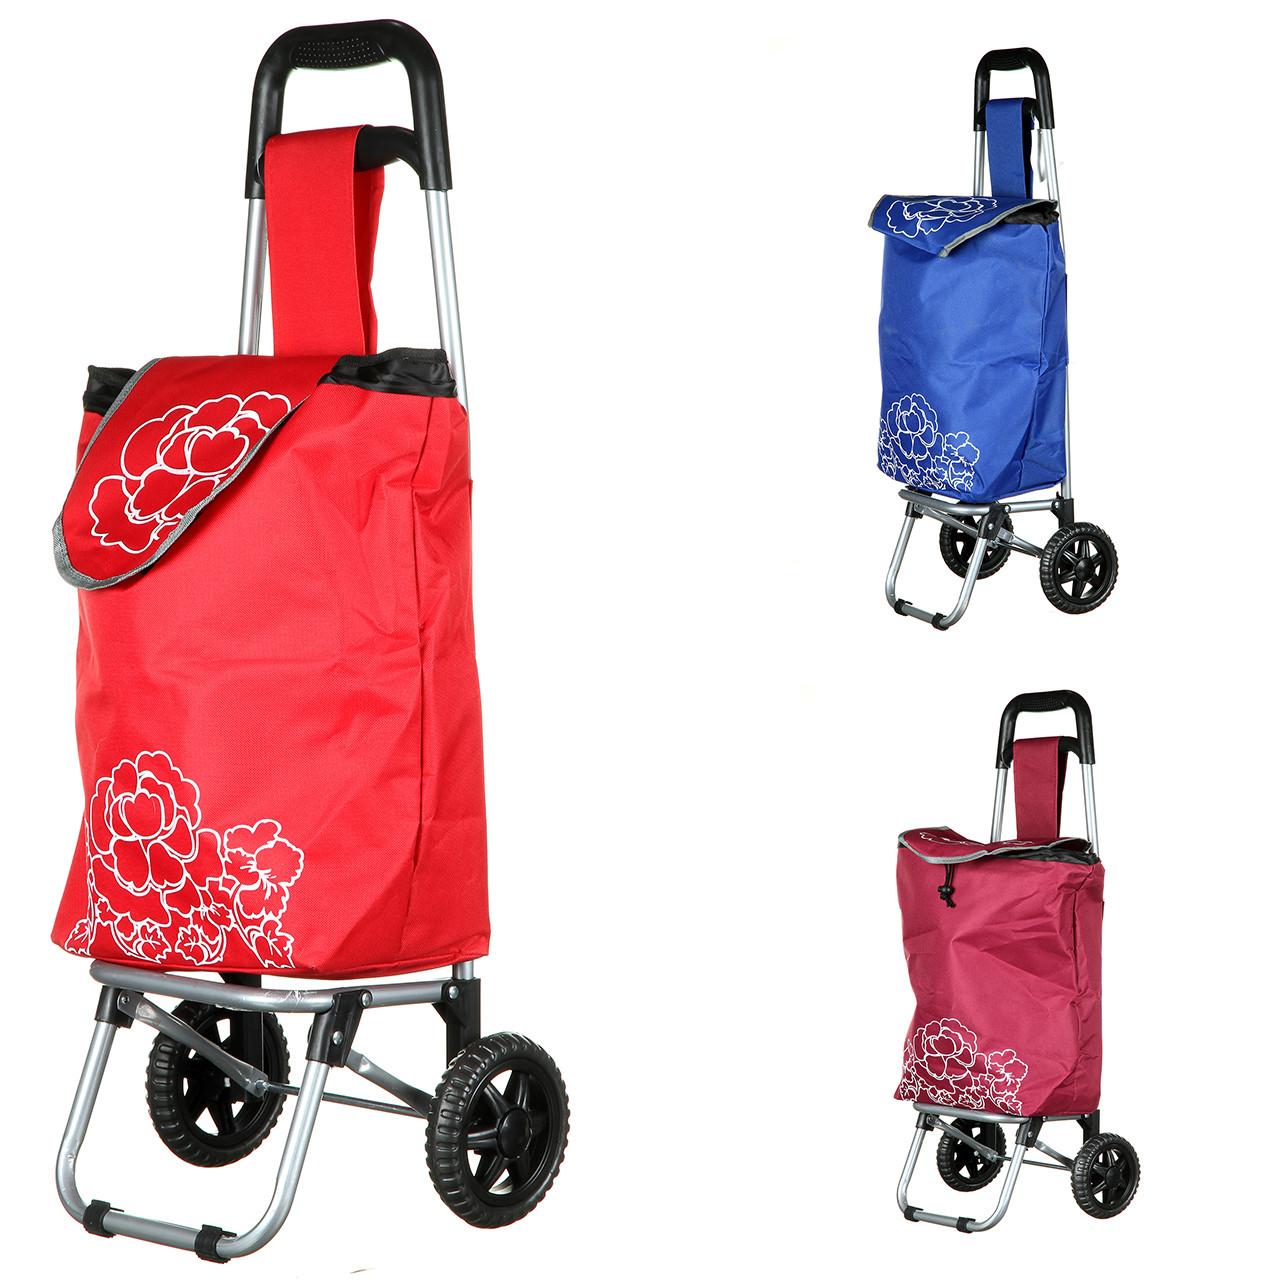 Сумка візок на колесах STENSON 85 см господарська для покупок